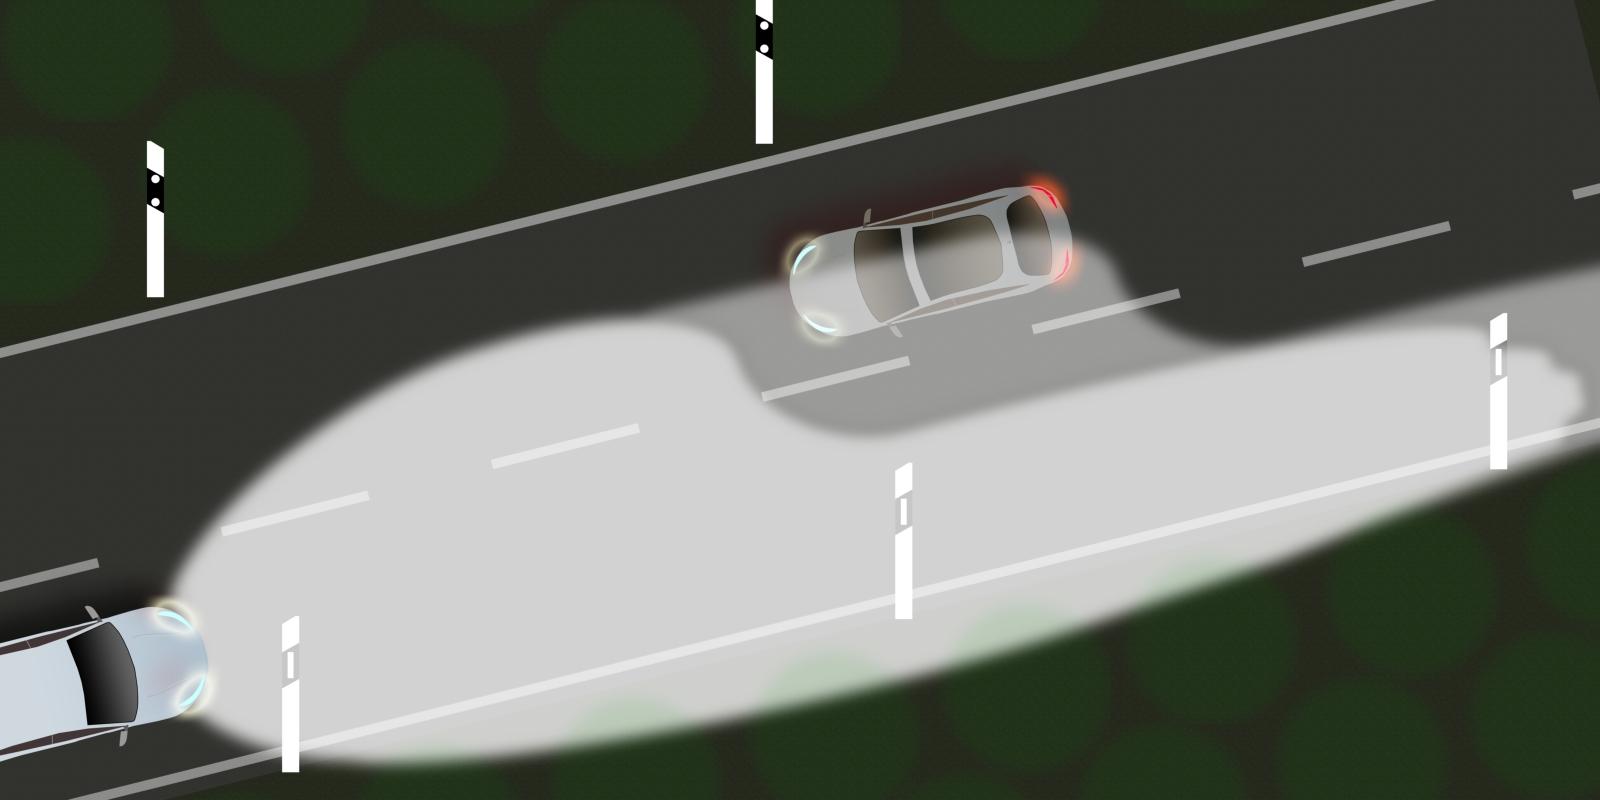 Offroad-Beleuchtung - Der Cut-Off verhindert die Blendung des Gegenverkehrs.